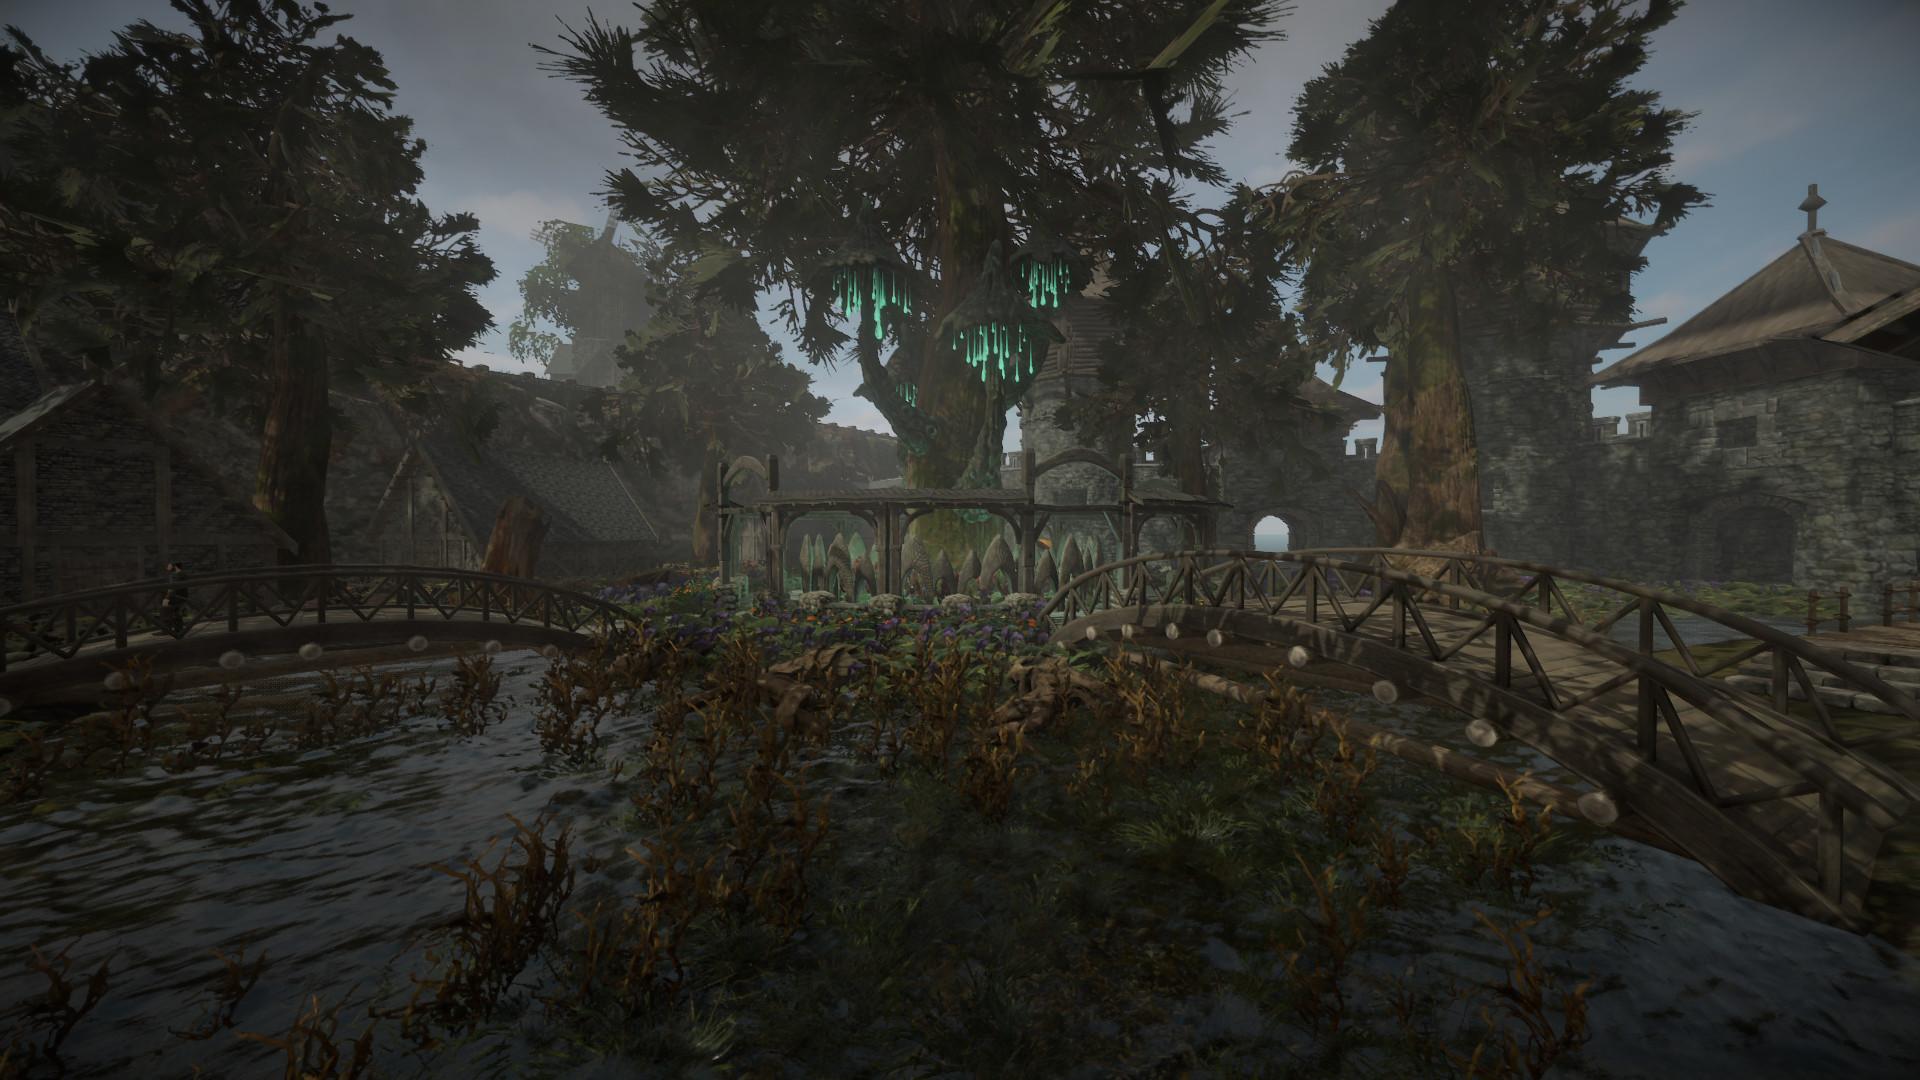 В Steam вышла демка фэнтезийной игры Isles of Adalar